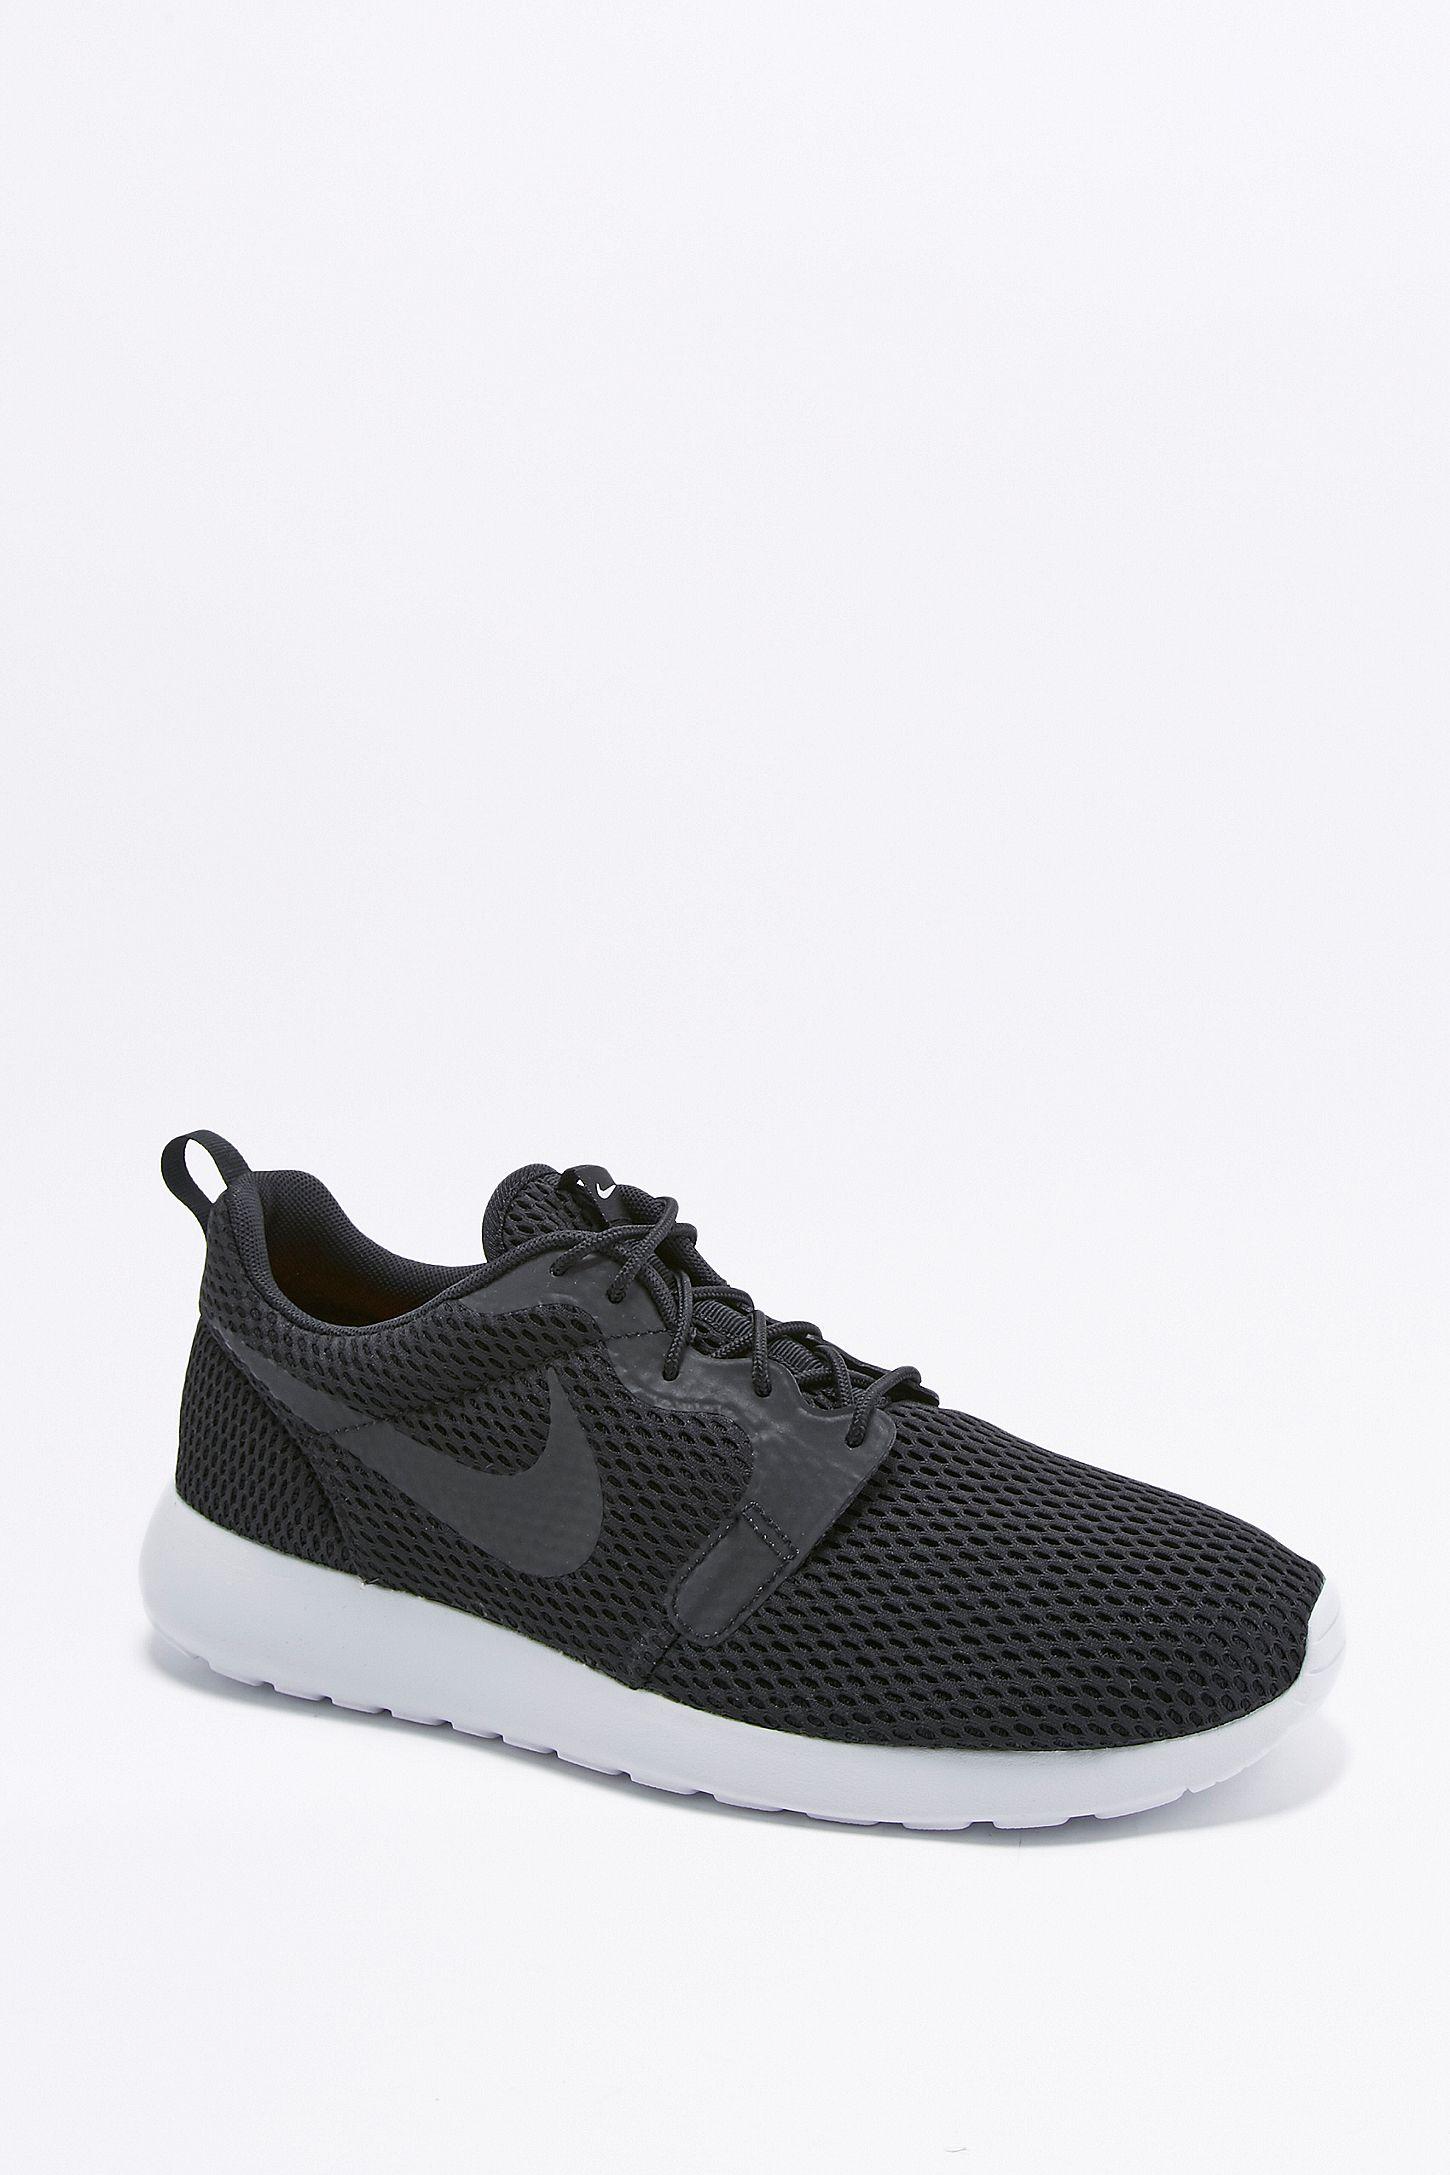 3f4b6f7f174d Slide View  5  Nike Roshe One Hyper Breathe Black Trainers